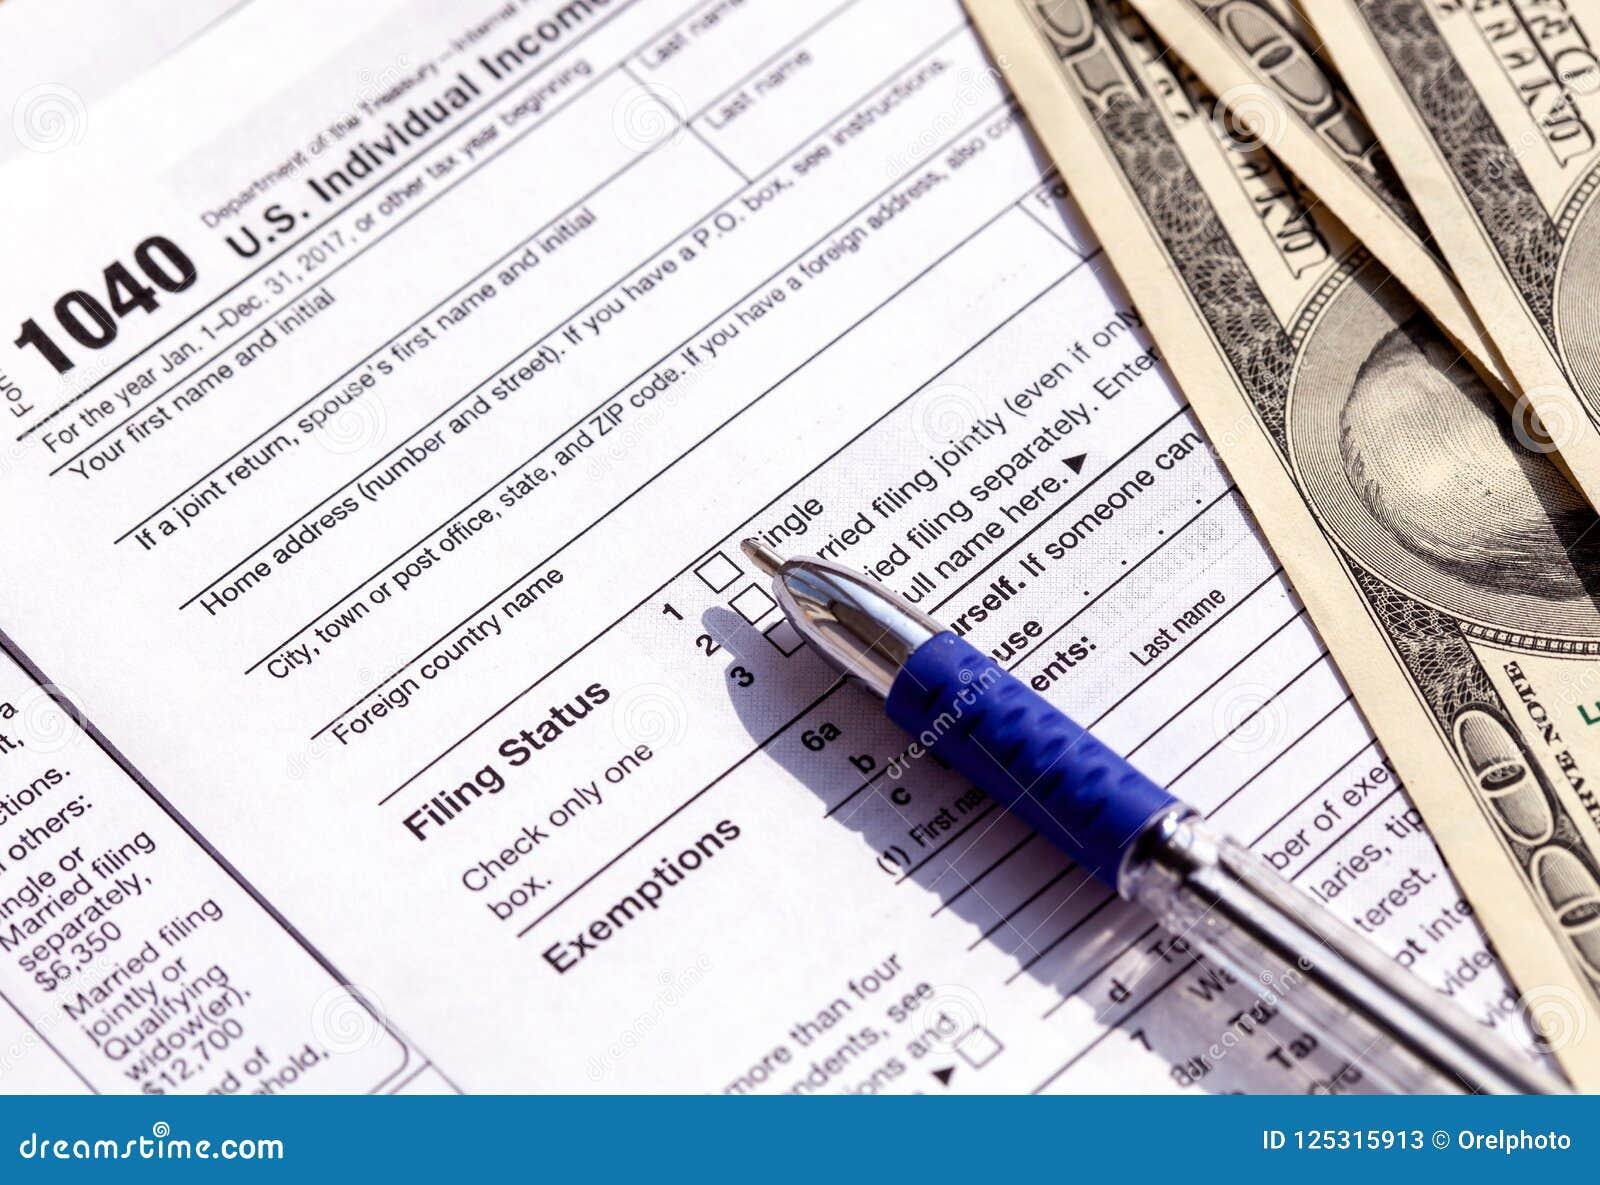 Forma, pluma y billetes de dólar de impuesto de los E.E.U.U. 1040 Concepto de reembolso del impuesto